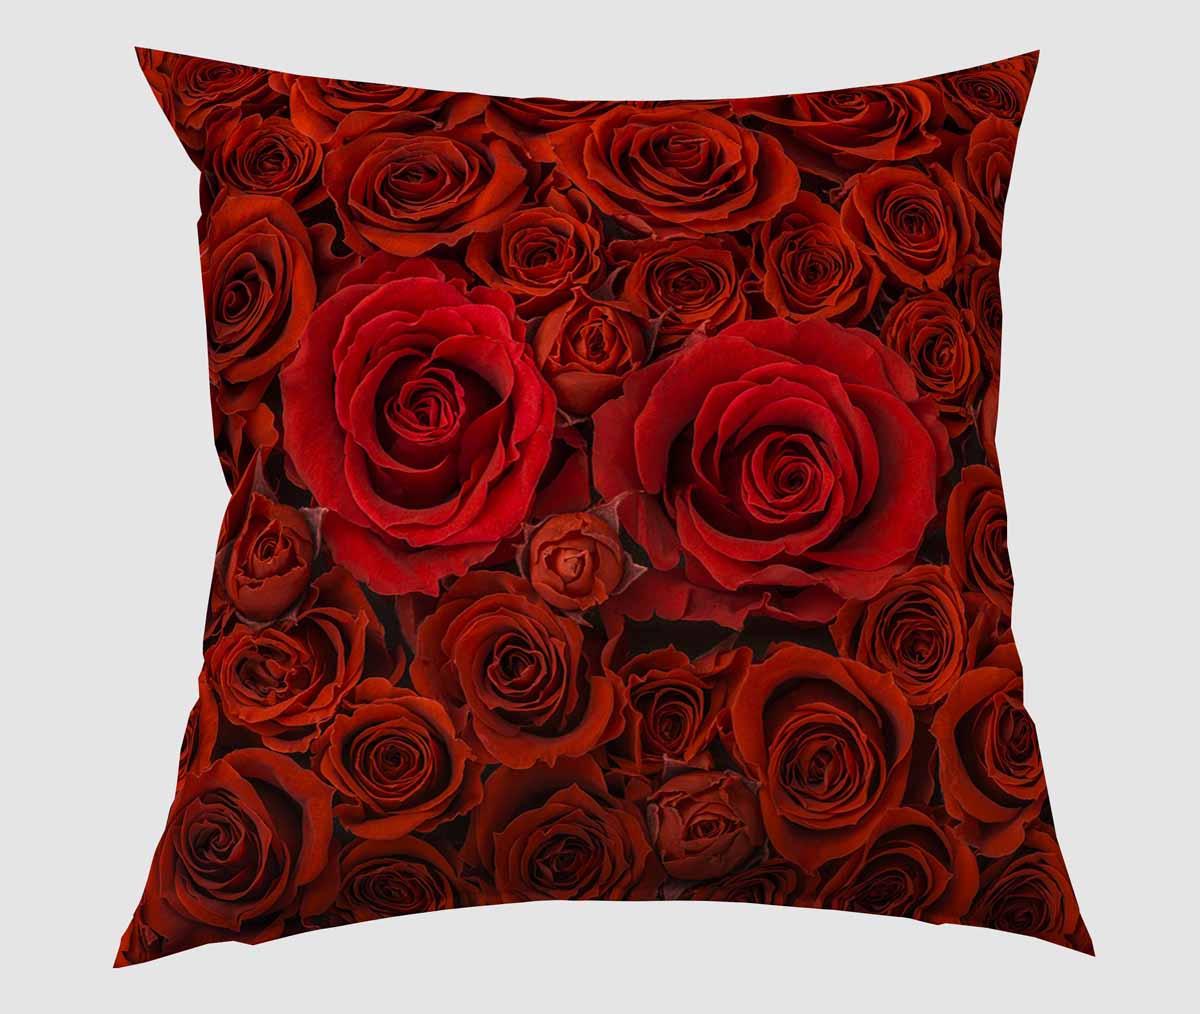 Подушка декоративная Сирень 1001 роза, 40 х 40 см01947-ПШ-ГБ-012Декоративная подушка Сирень 1001 роза, изготовленная из габардина (100% полиэстер), прекрасно дополнит интерьер спальни или гостиной. Подушка оформлена красочным изображением цветов. Внутри - мягкий наполнитель из холлофайбера (100% полиэстер). Красивая подушка создаст атмосферу тепла и уюта в спальне и станет прекрасным элементом декора.